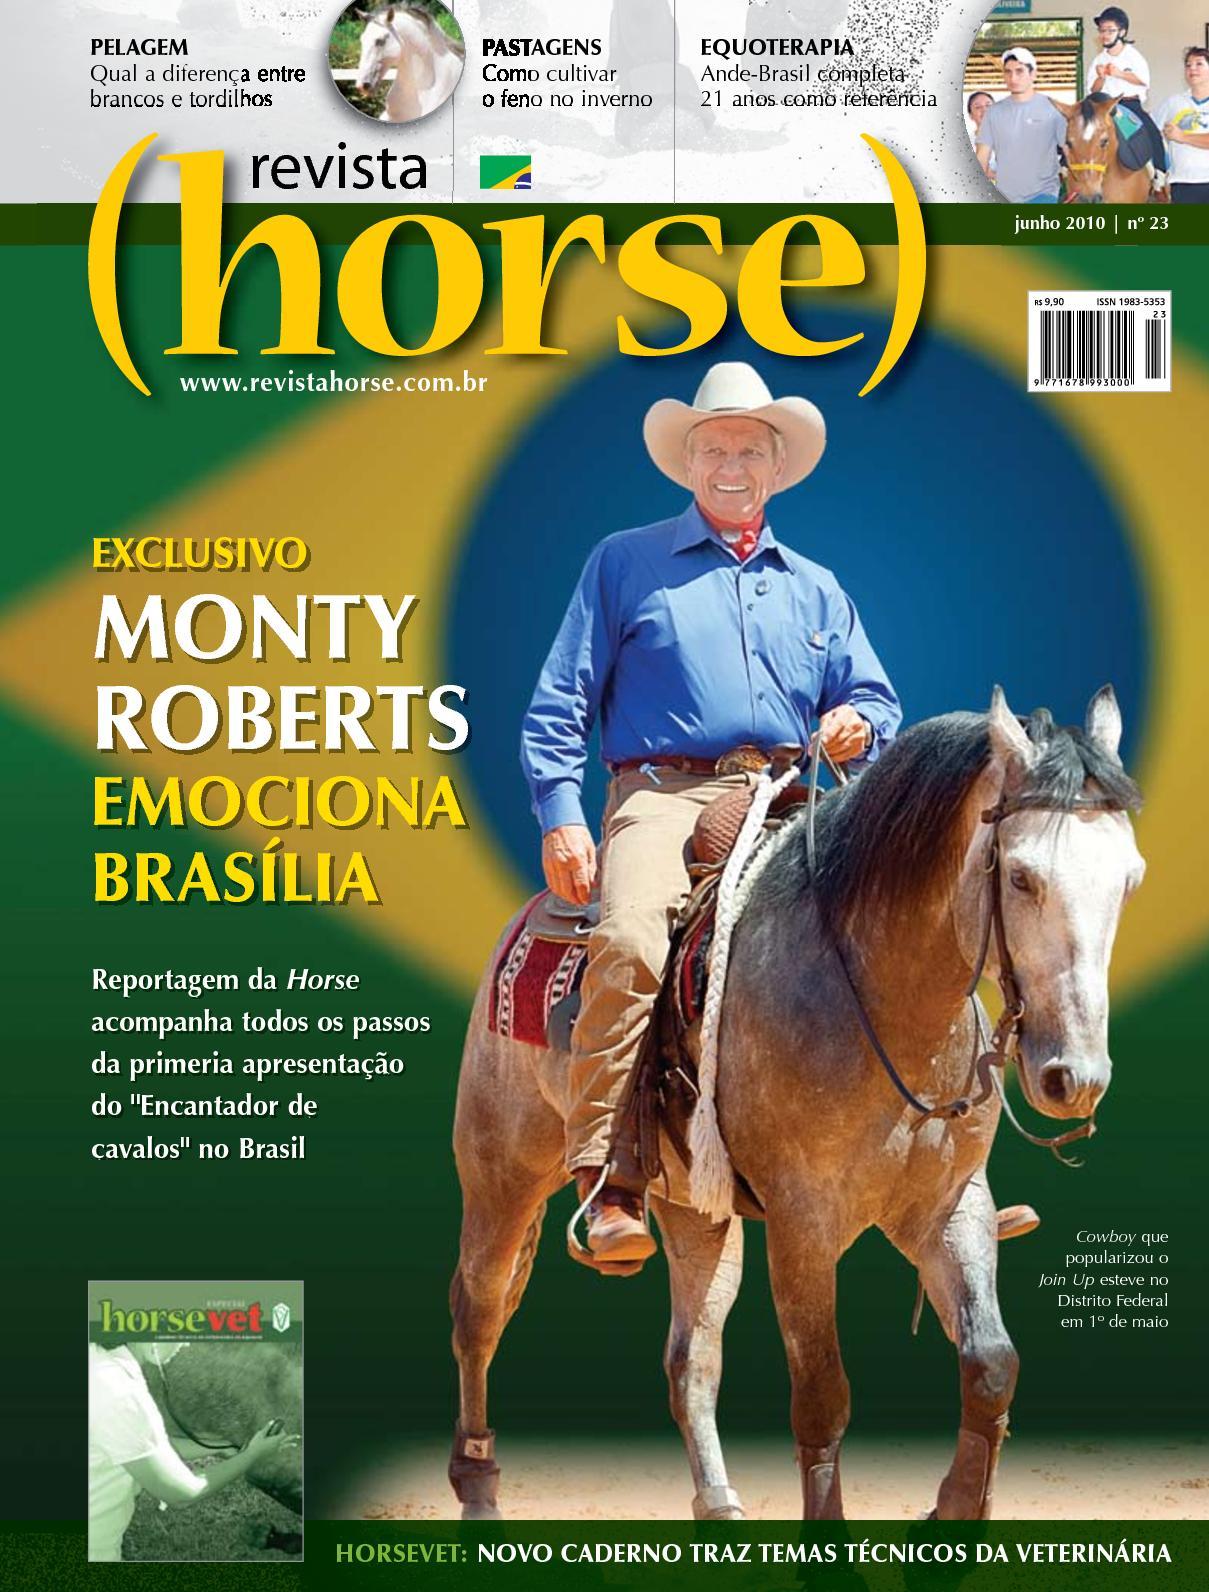 a464f763bba Calaméo - Revista Horse 23